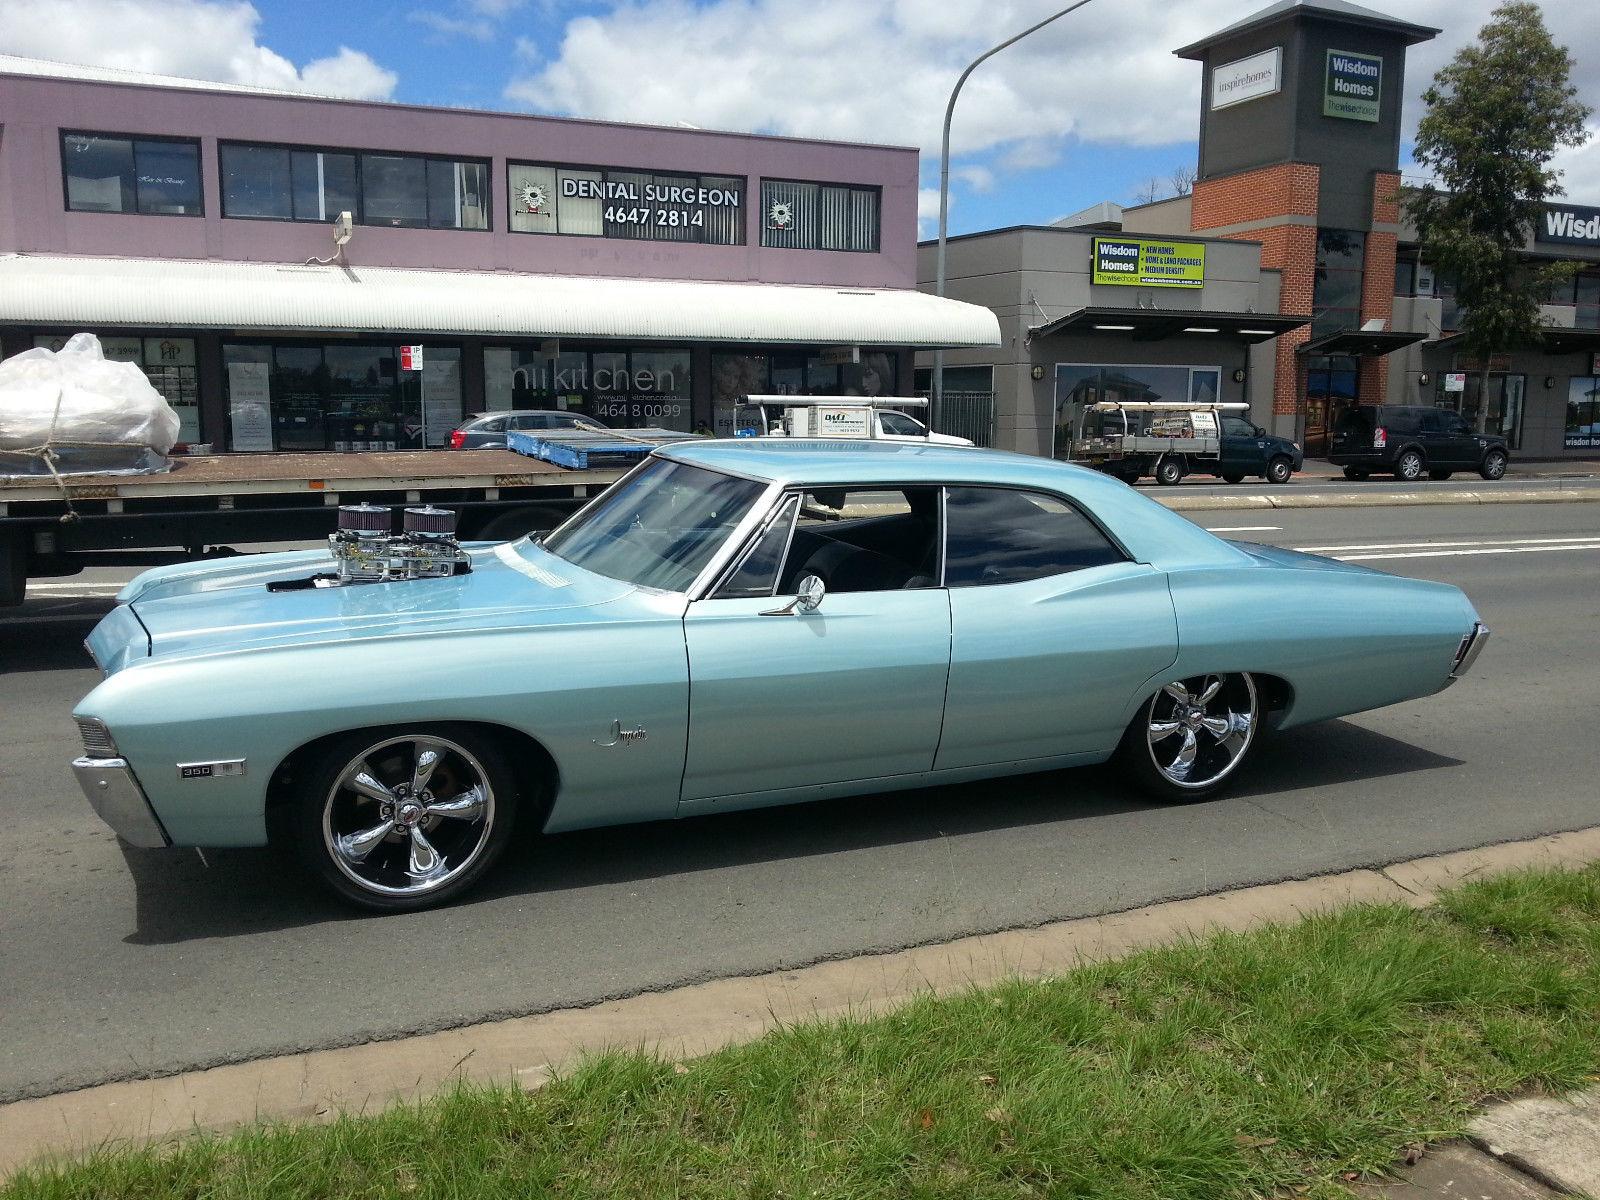 1968 Chevrolet Impala2